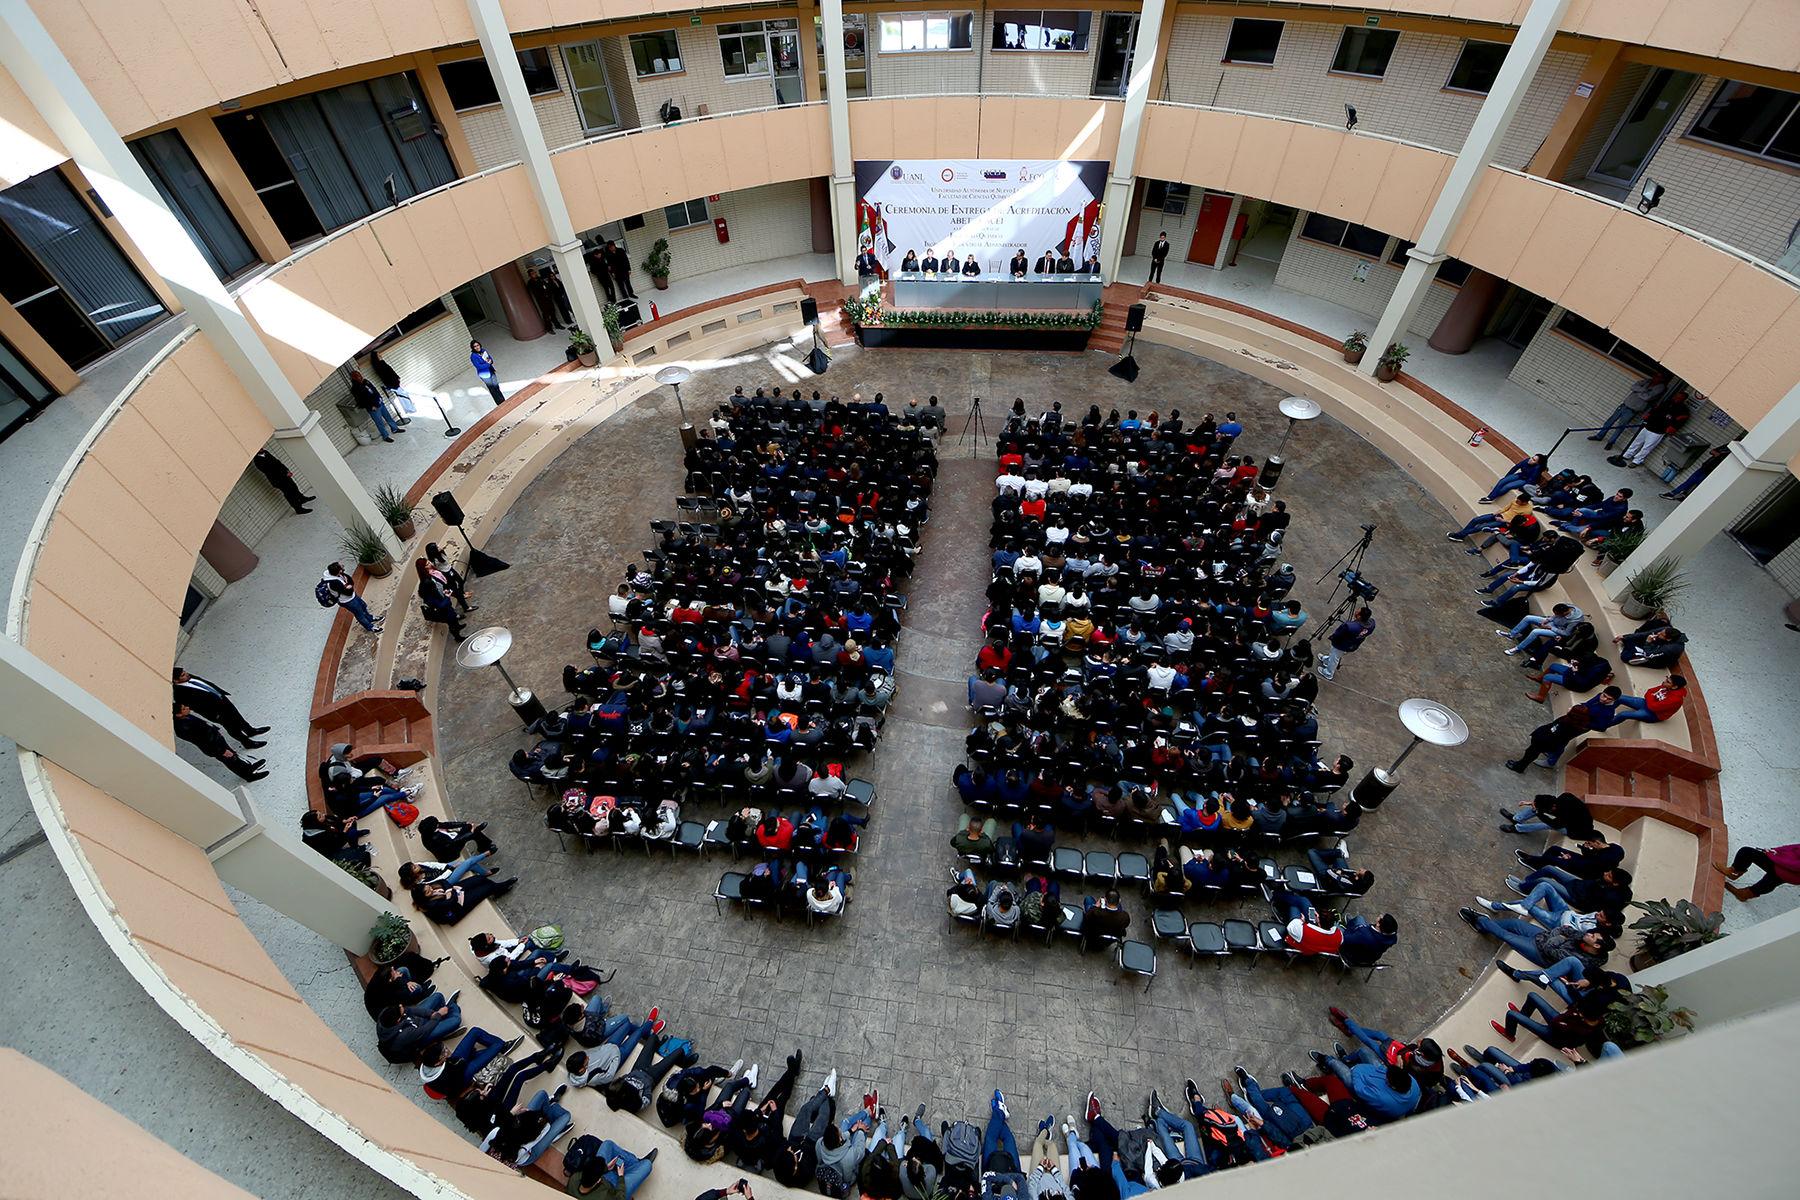 La ceremonia se llevó a cabo en el forum de la Facultad de Ciencias Químicas